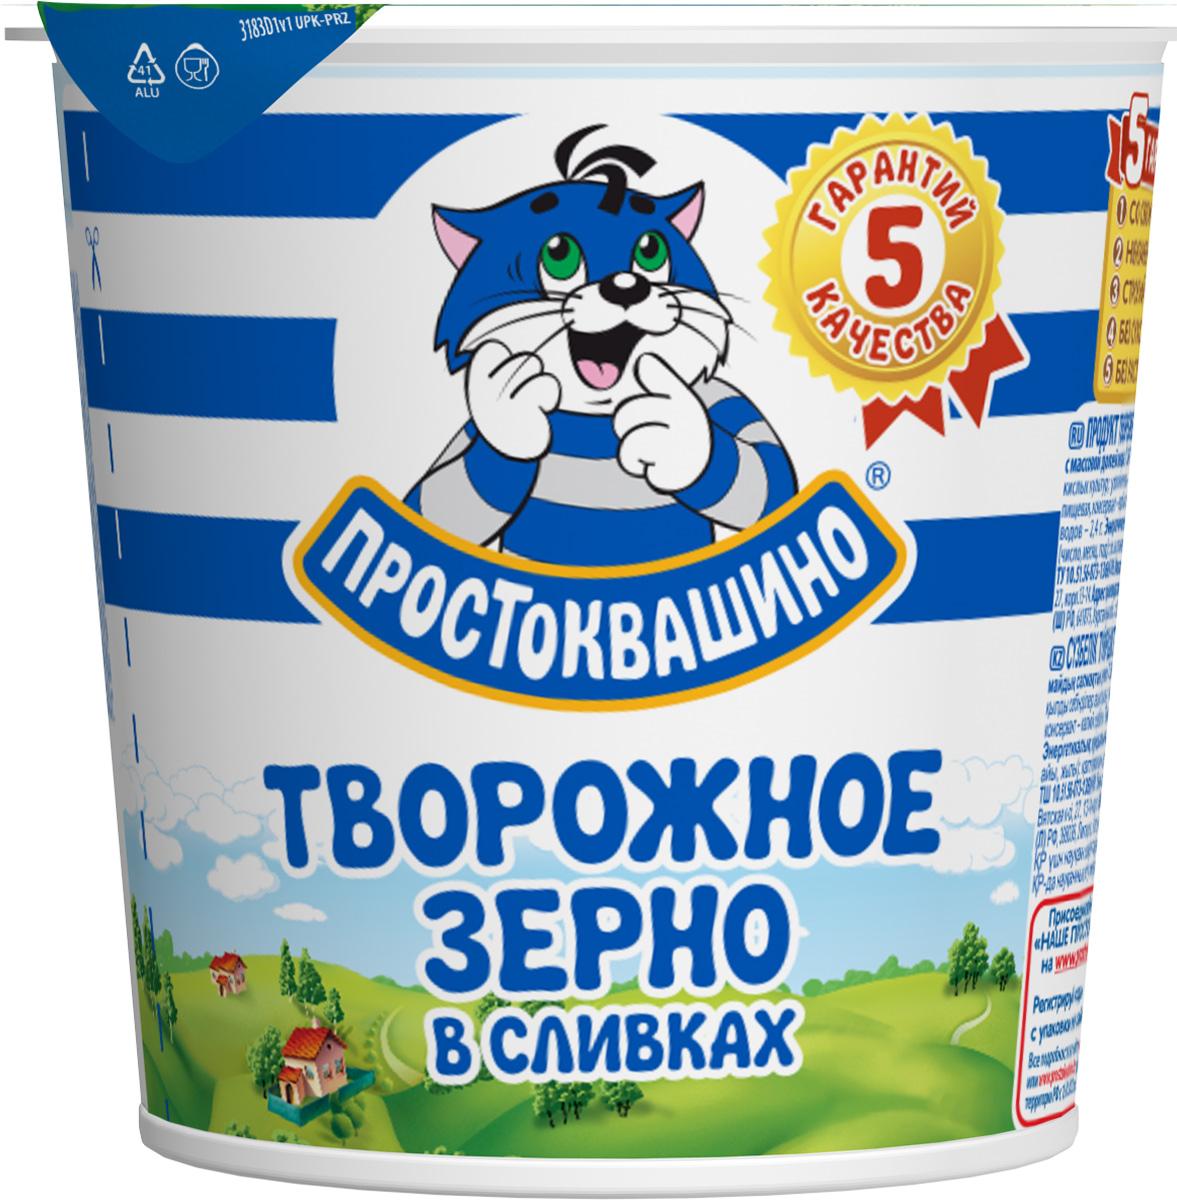 Простоквашино Продукт творожный зерненый 7%, 350 г даниссимо продукт творожный пломбир 5 4% 130 г